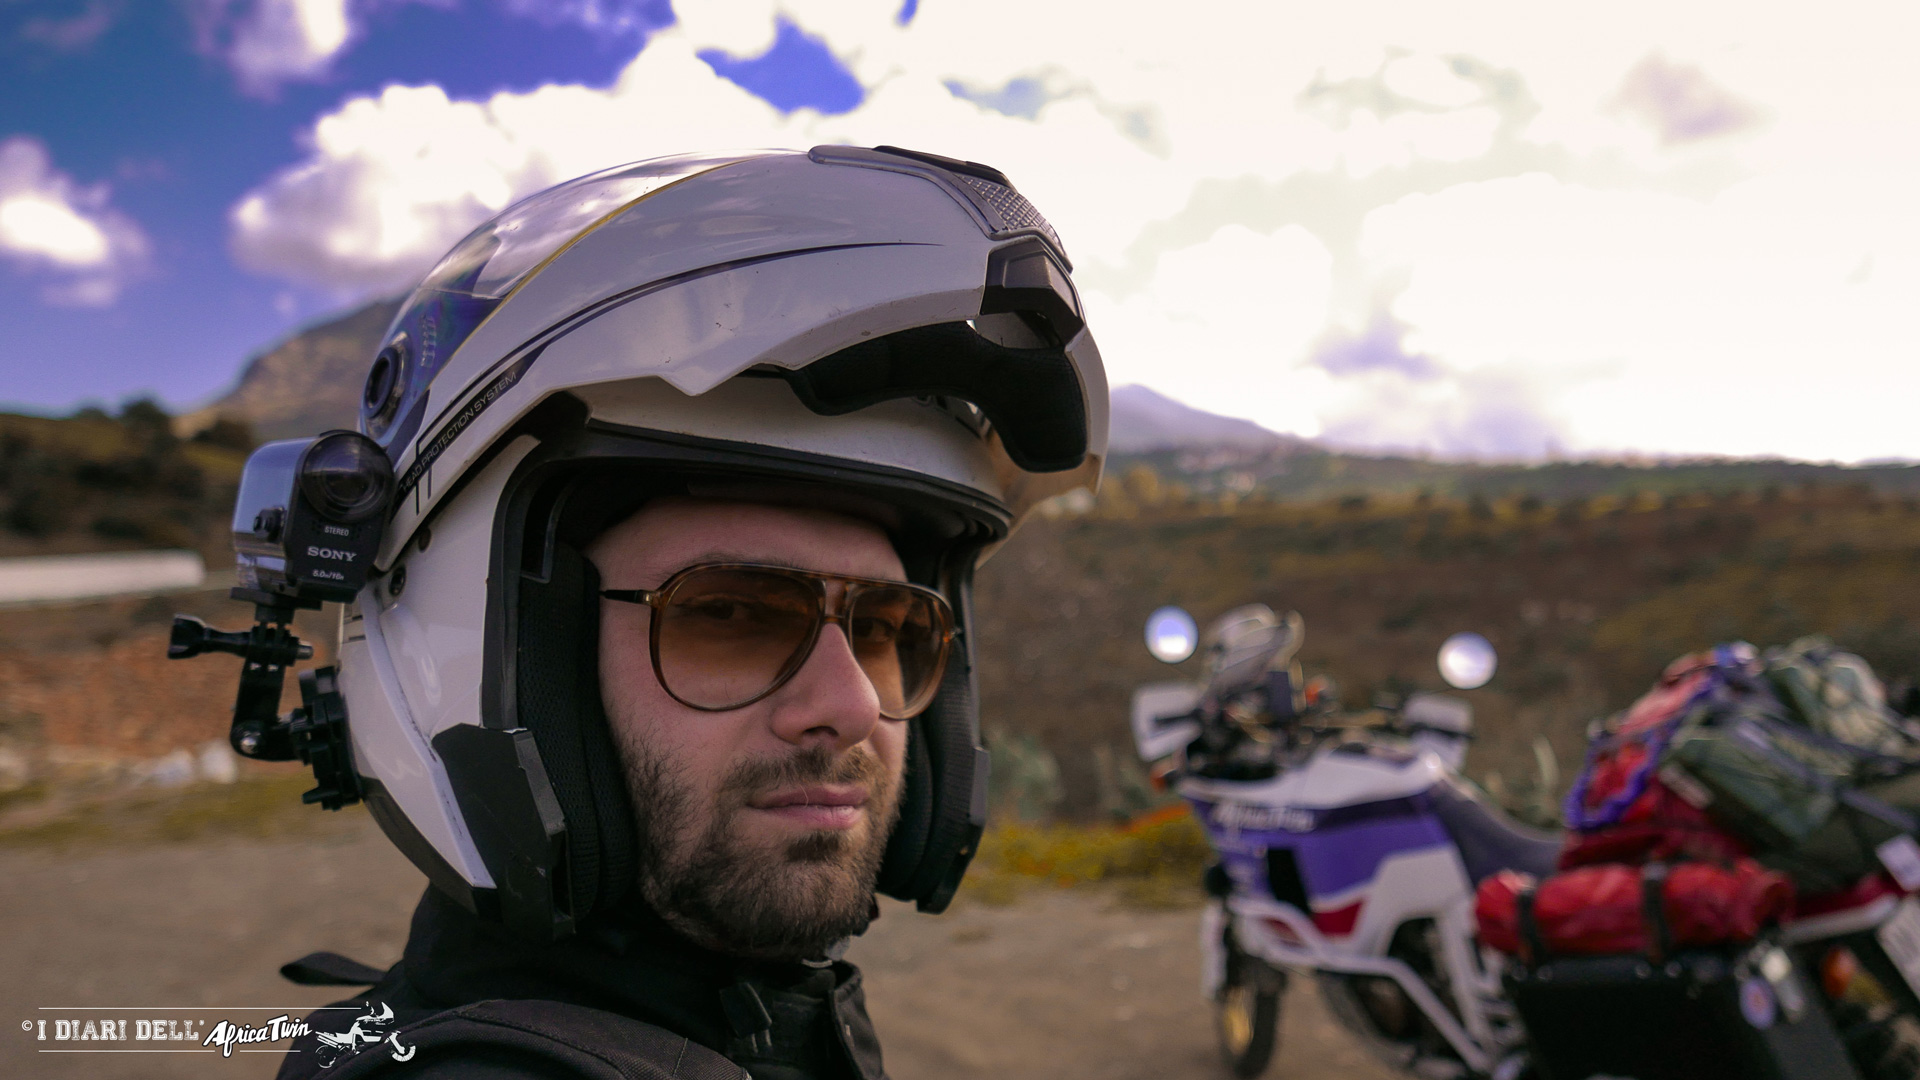 Primi chilometri in terra marocchina